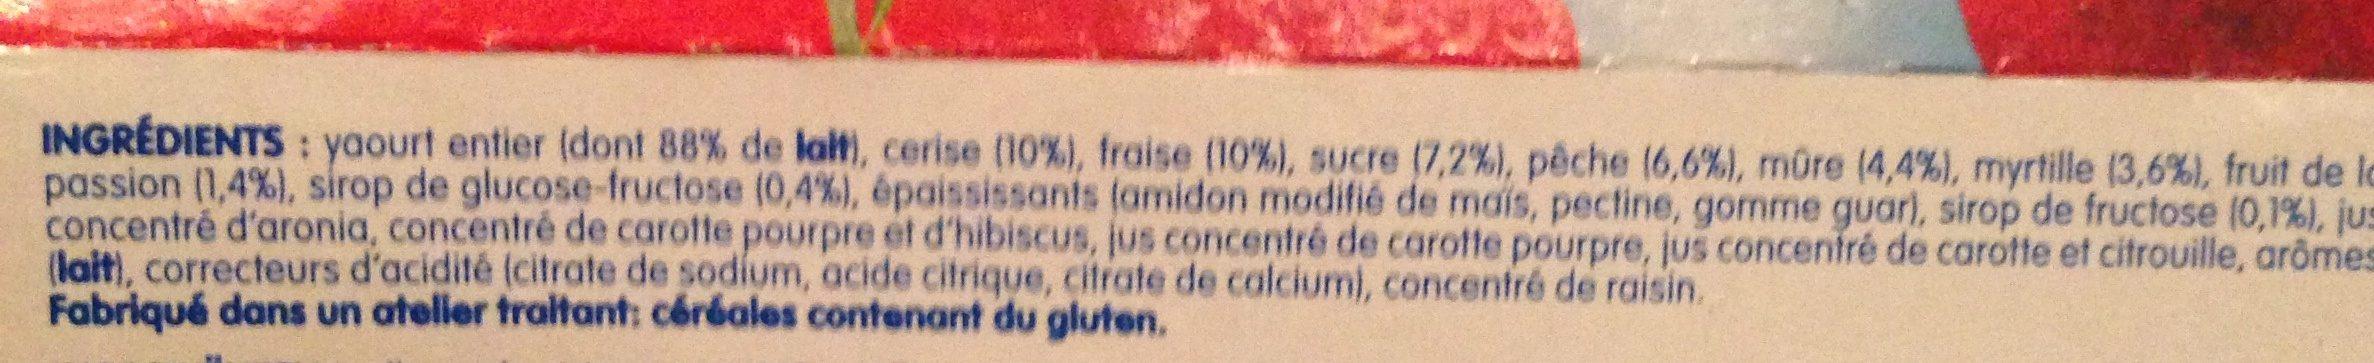 Danone fruit - Ingredients